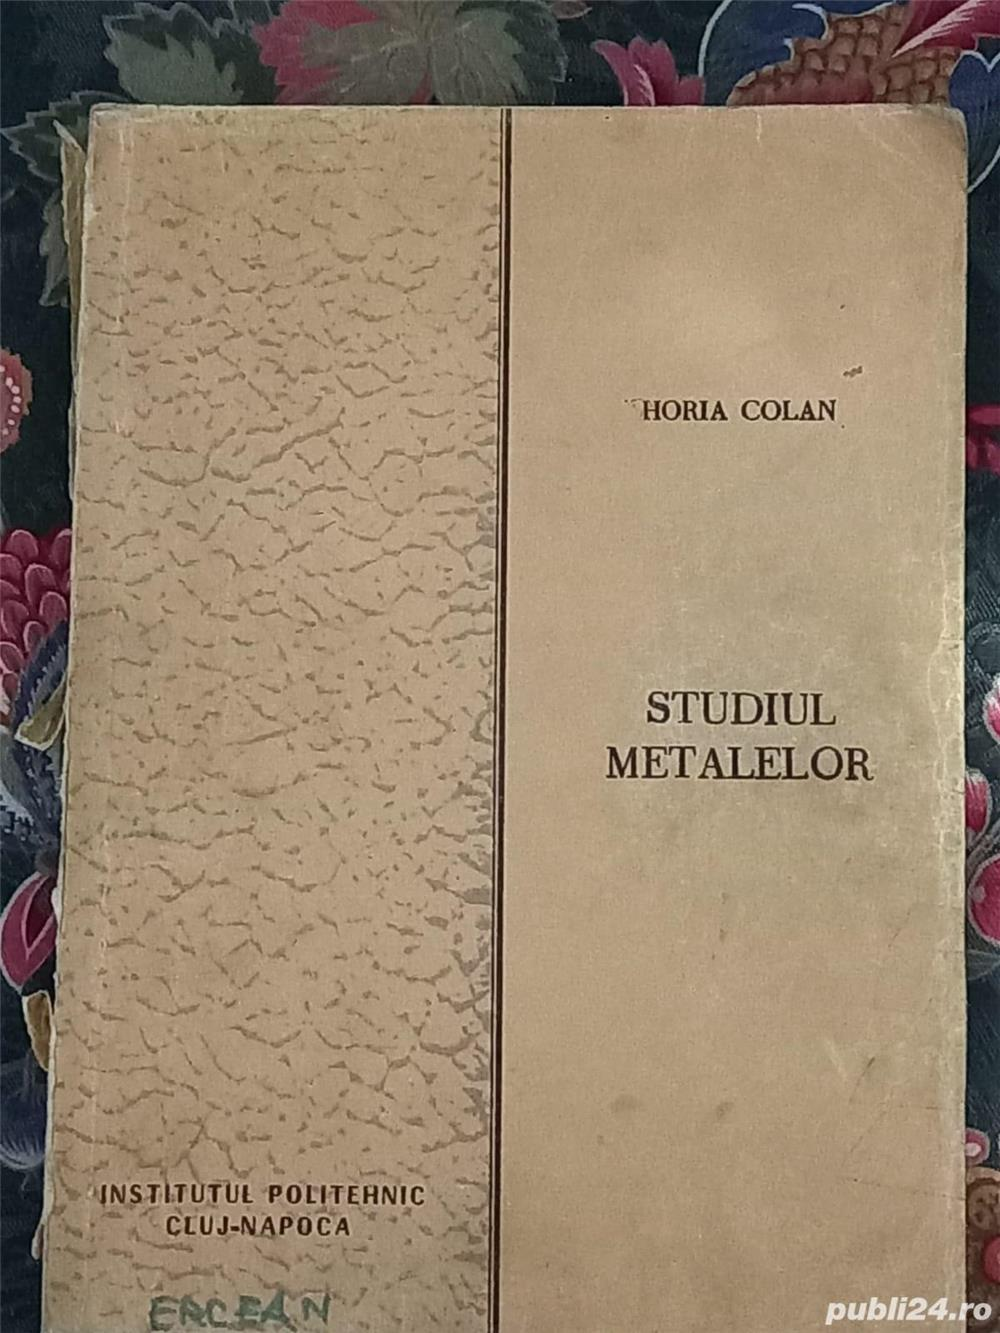 Vând curs litografiat de STUDIUL METALELOR de Horia Colan